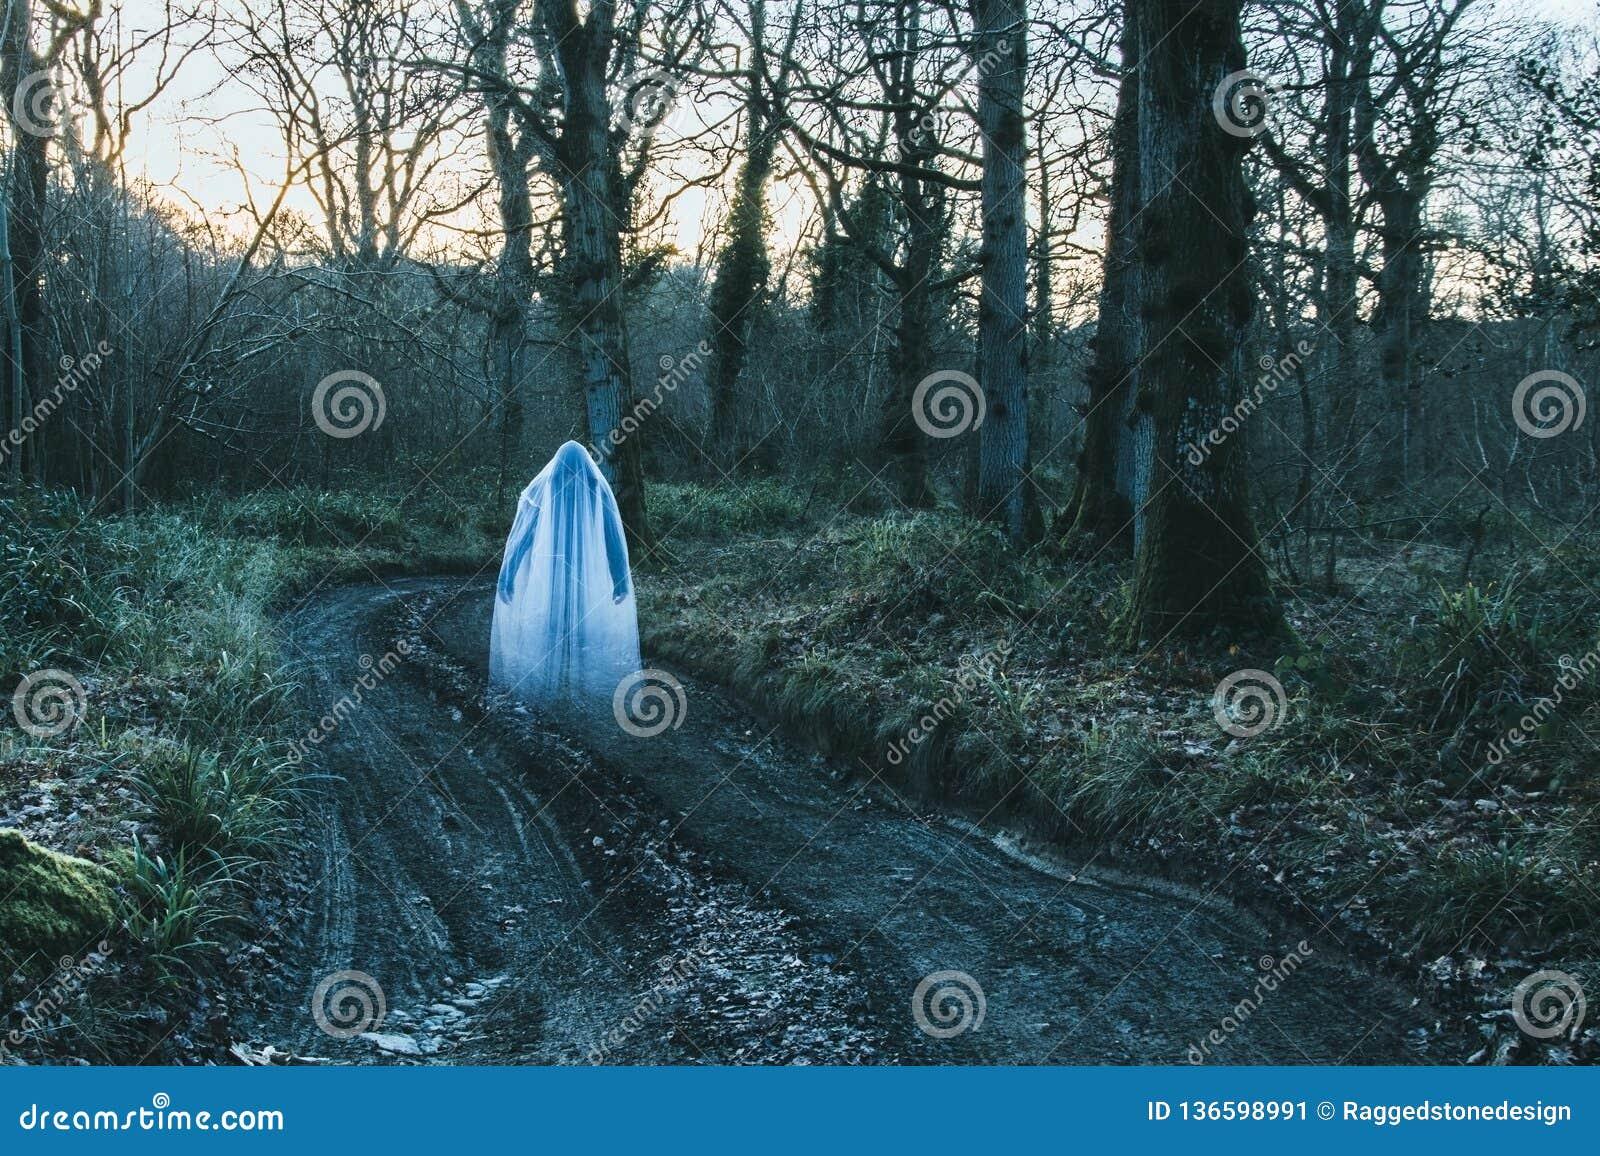 Een transparant vaag spookachtig cijfer die met een kap zich op een weg in een bos in de winter bevinden Met gedempt korrelig gee